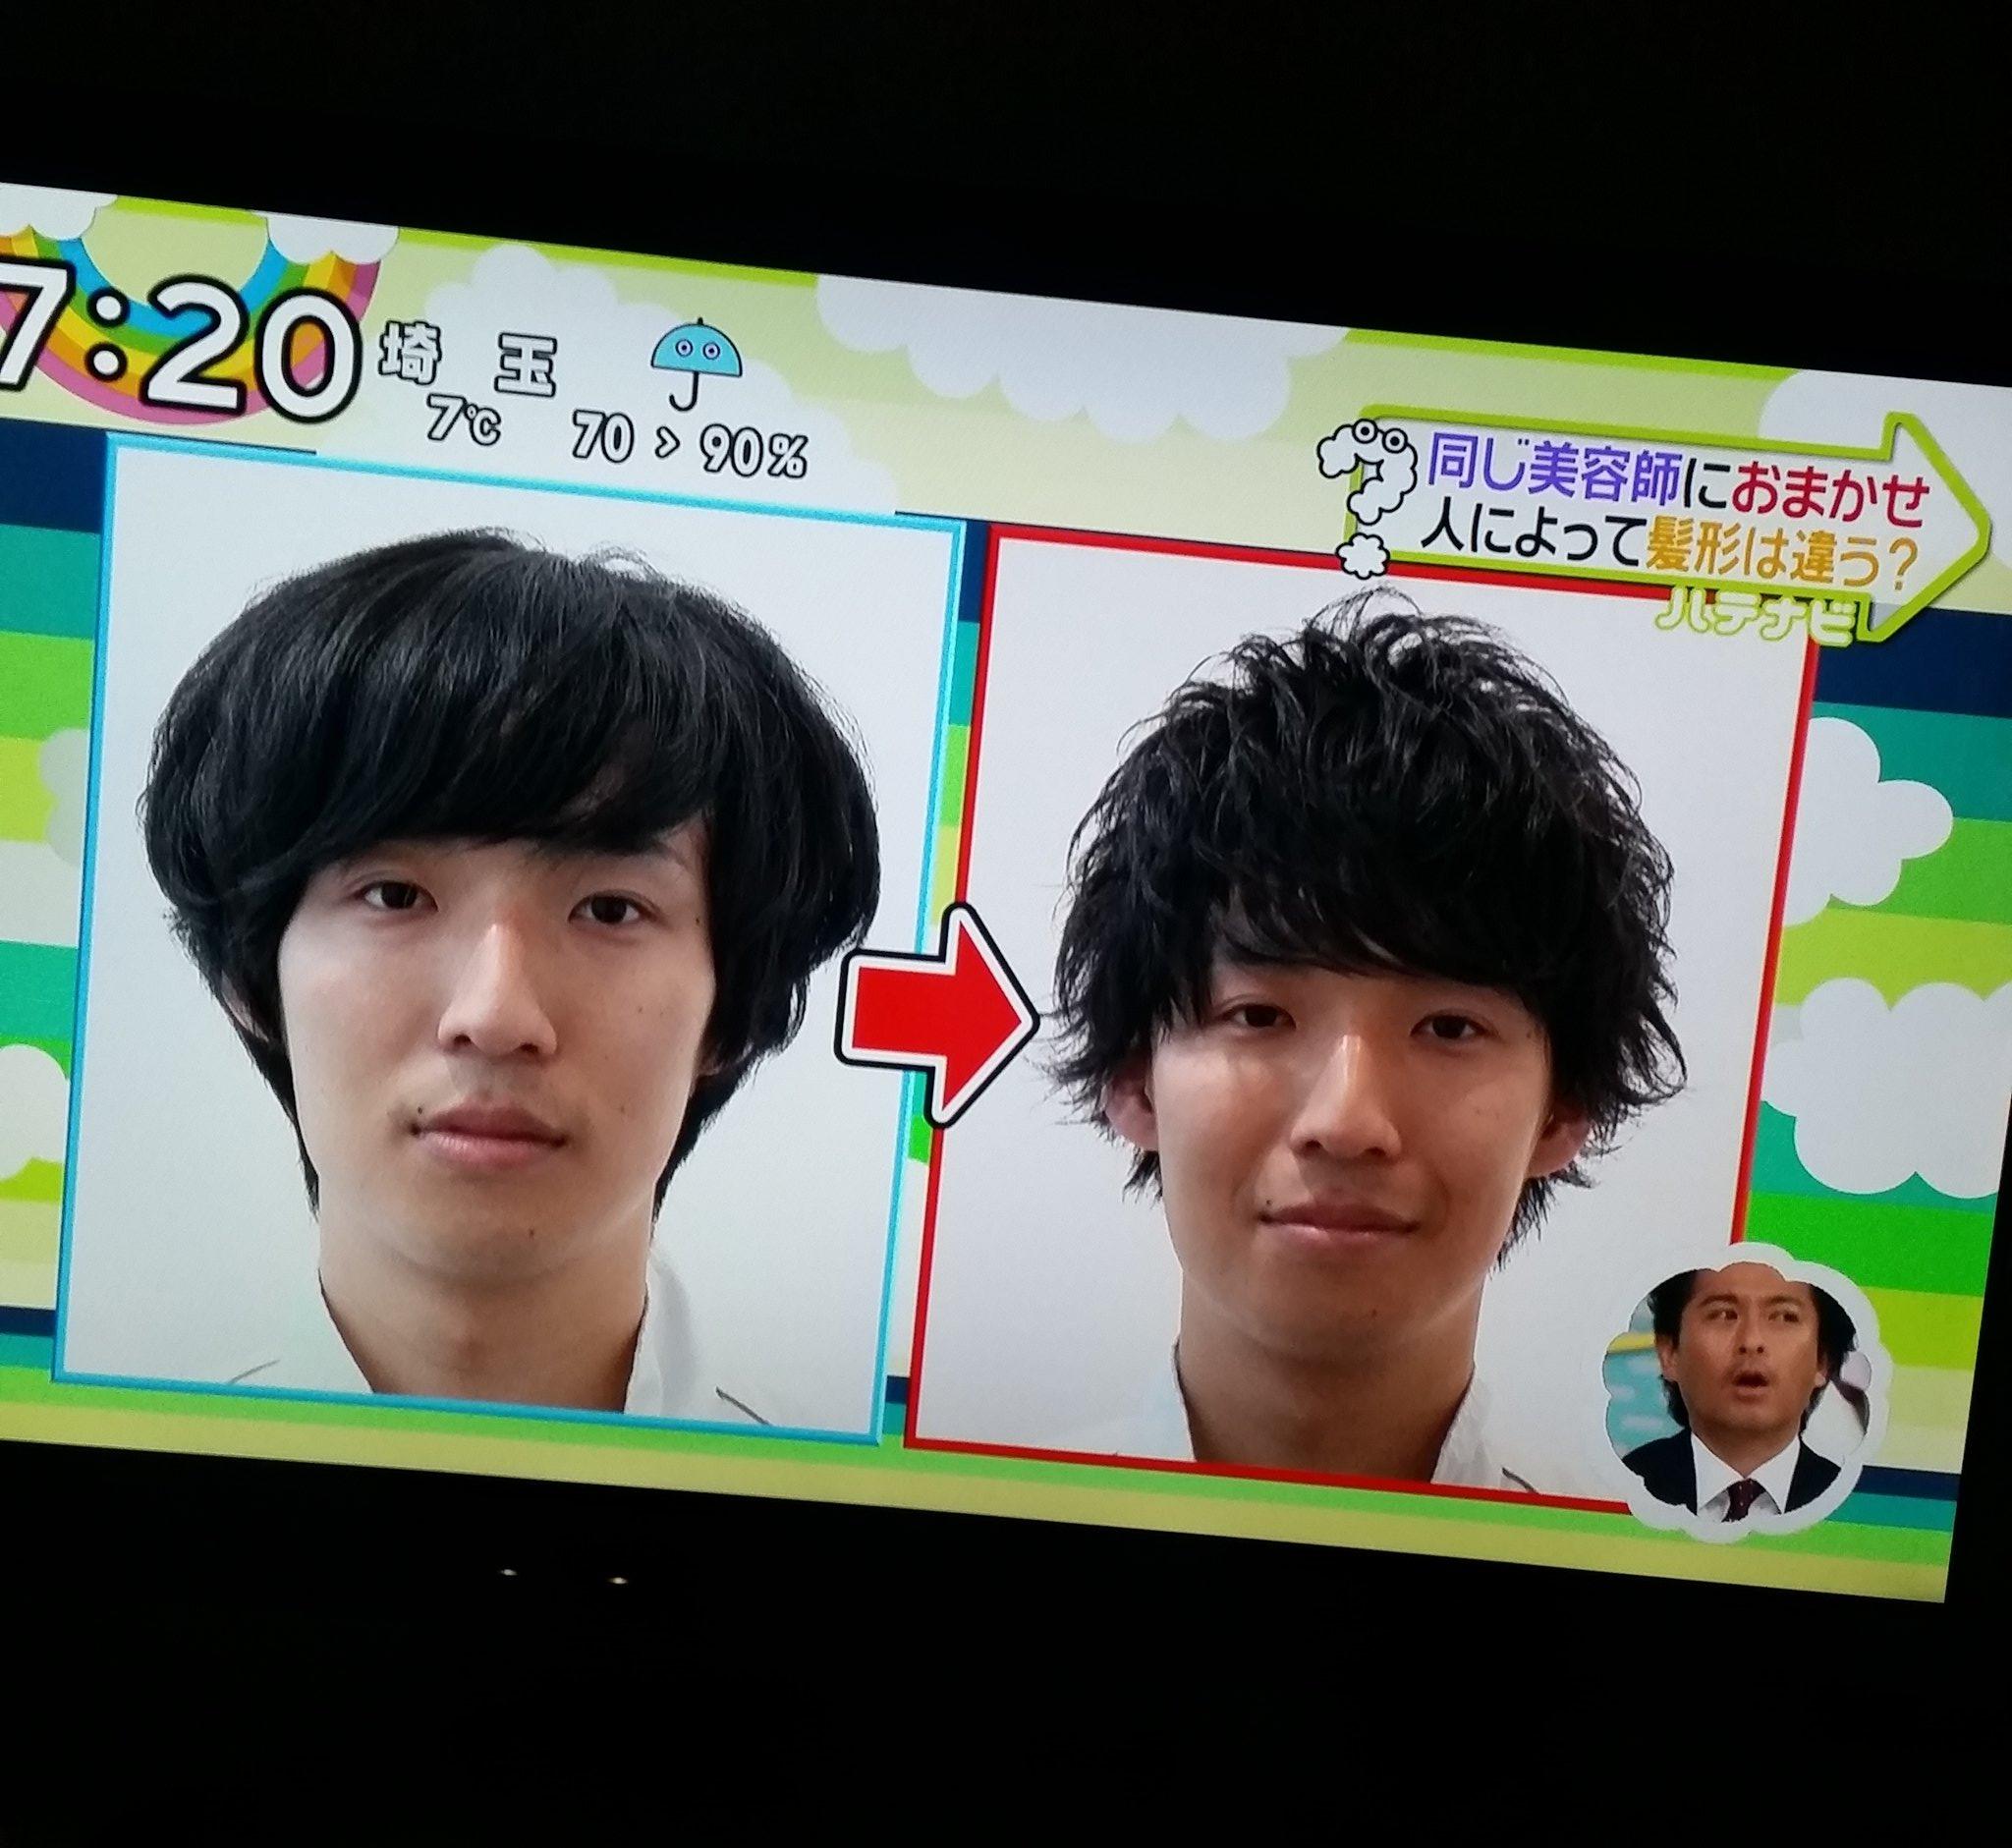 同じ美容師に おまかせ すると人によって髪形が違うのか検証ww